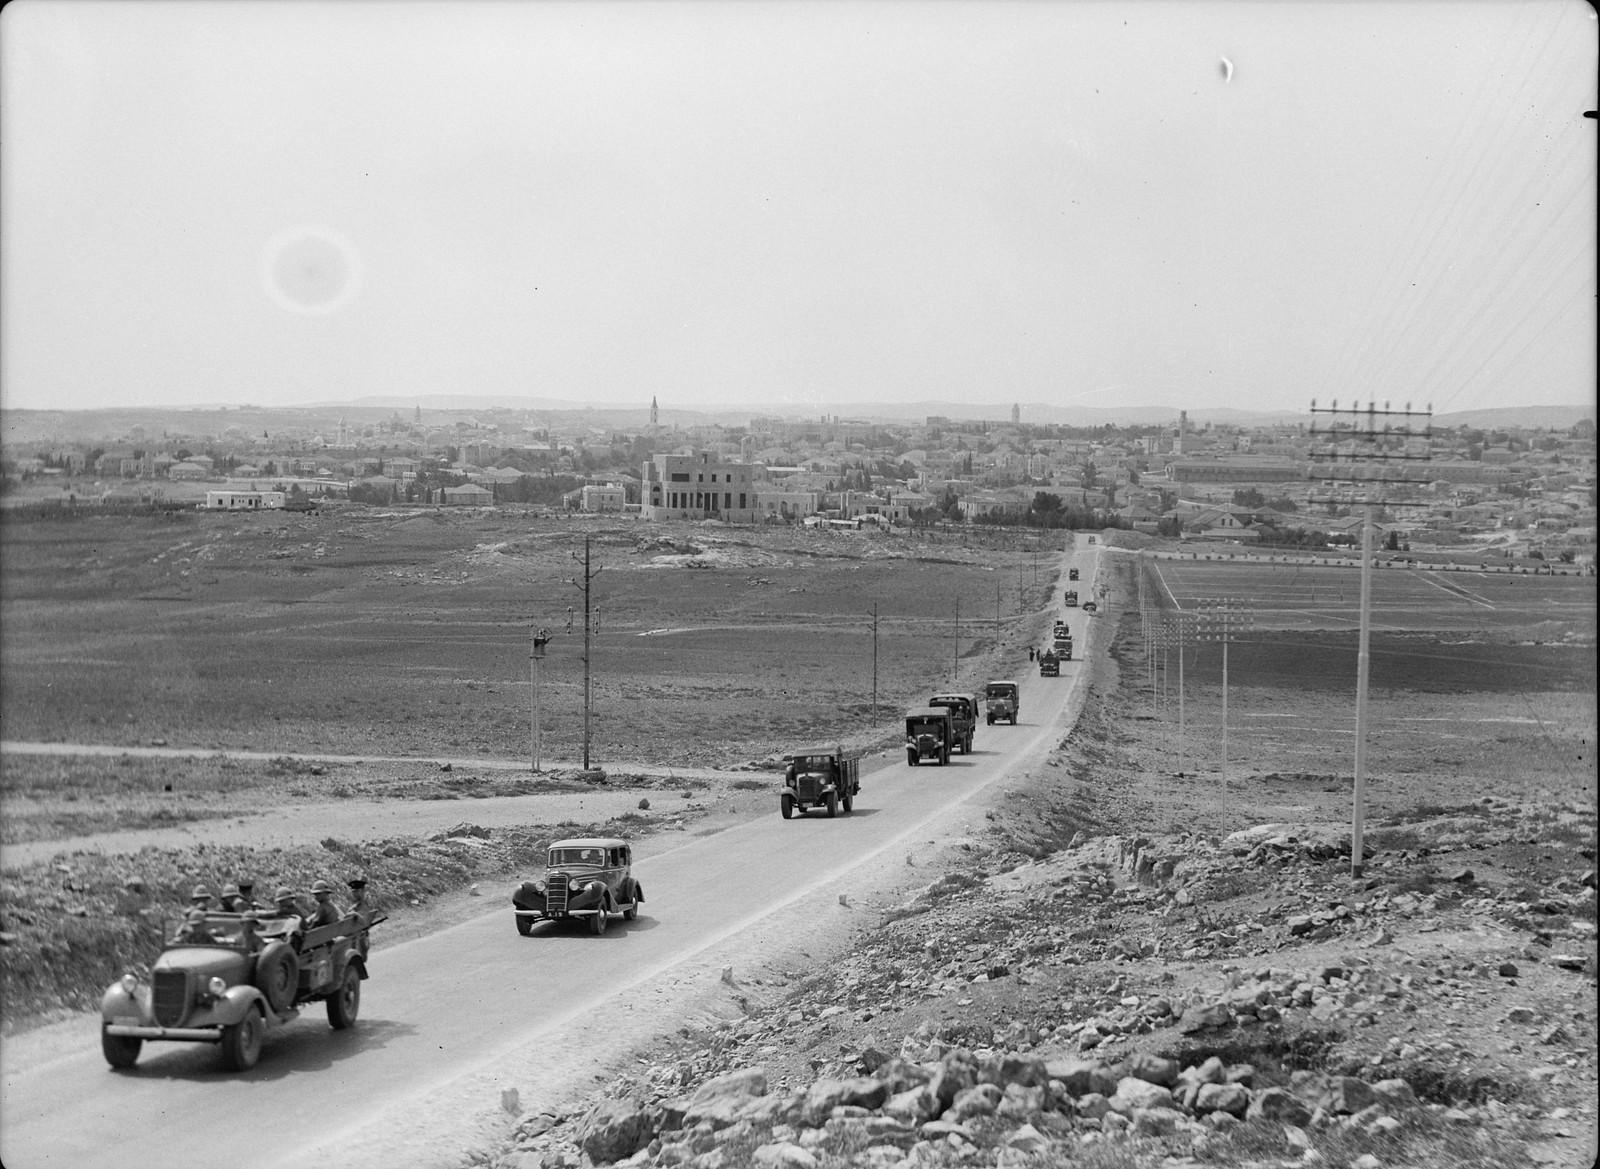 07. Ежедневно в 10.30 конвой Иерусалим-Афула отправляется на север